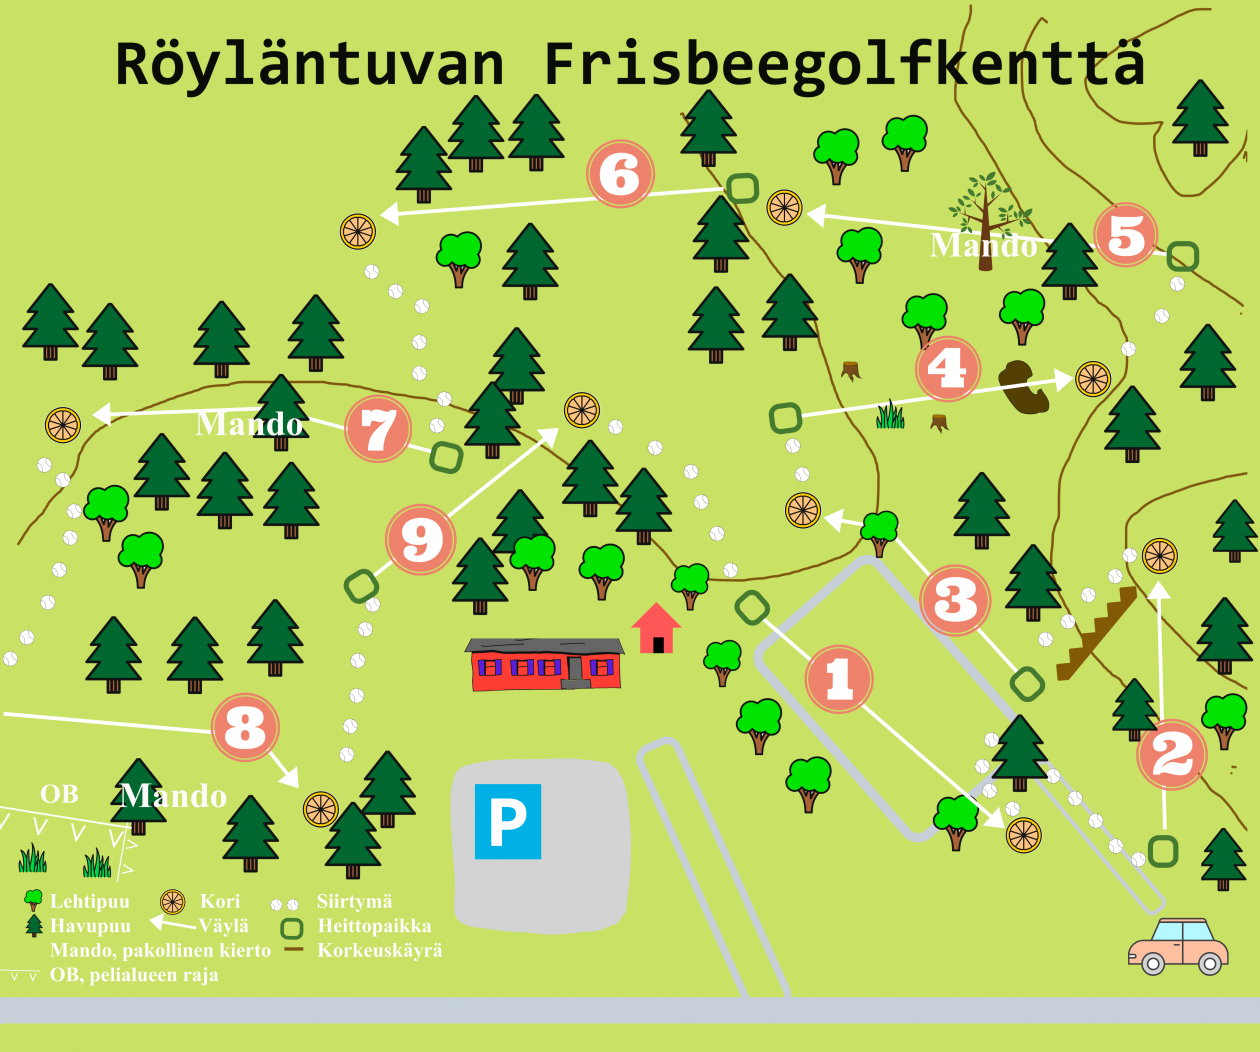 Röyläntuvan Frisbeegolfkentän väylät ja säännöt